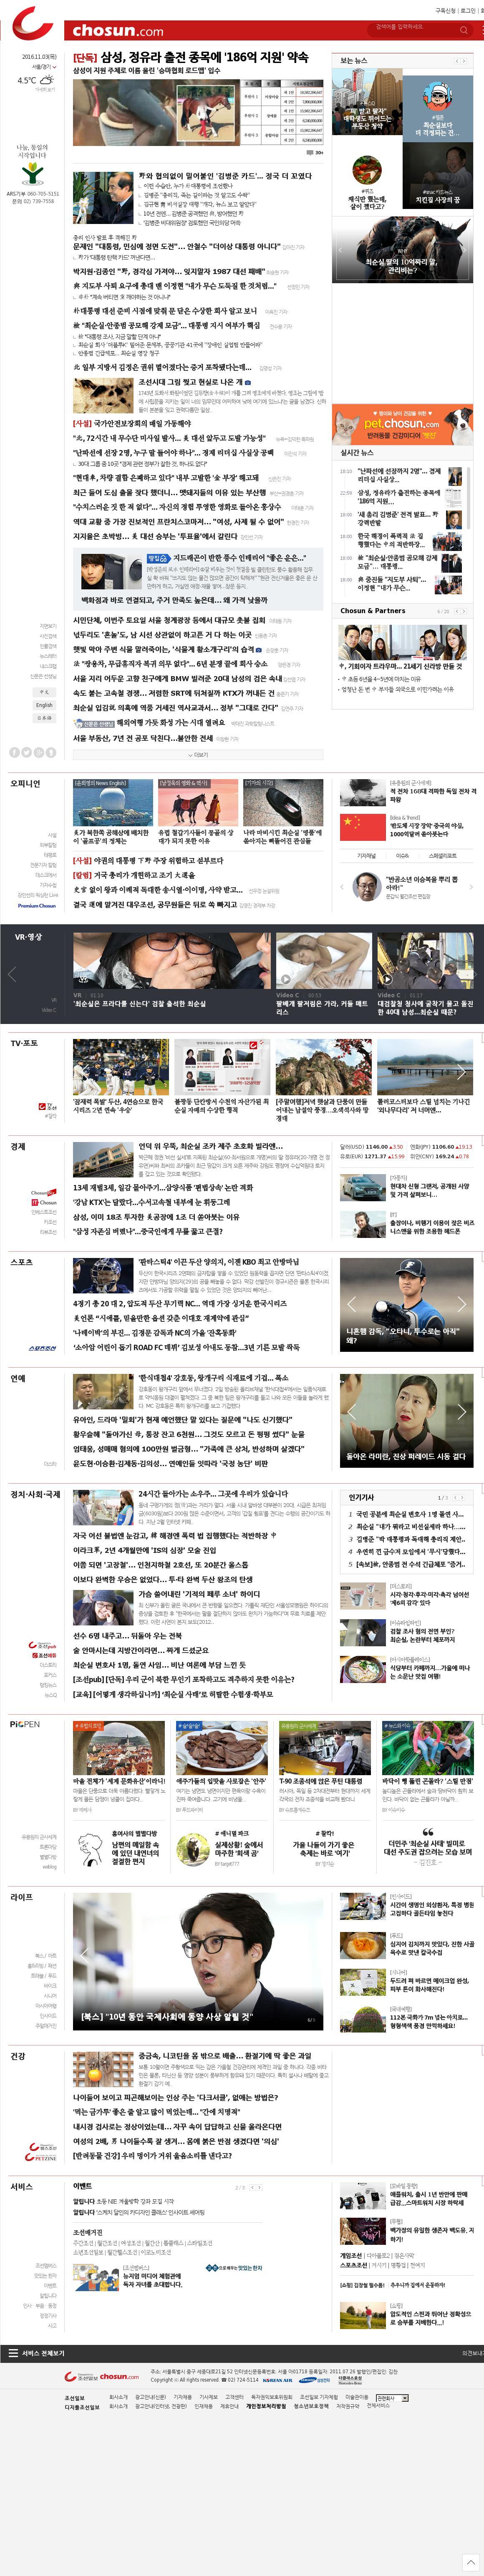 chosun.com at Wednesday Nov. 2, 2016, 11:02 p.m. UTC